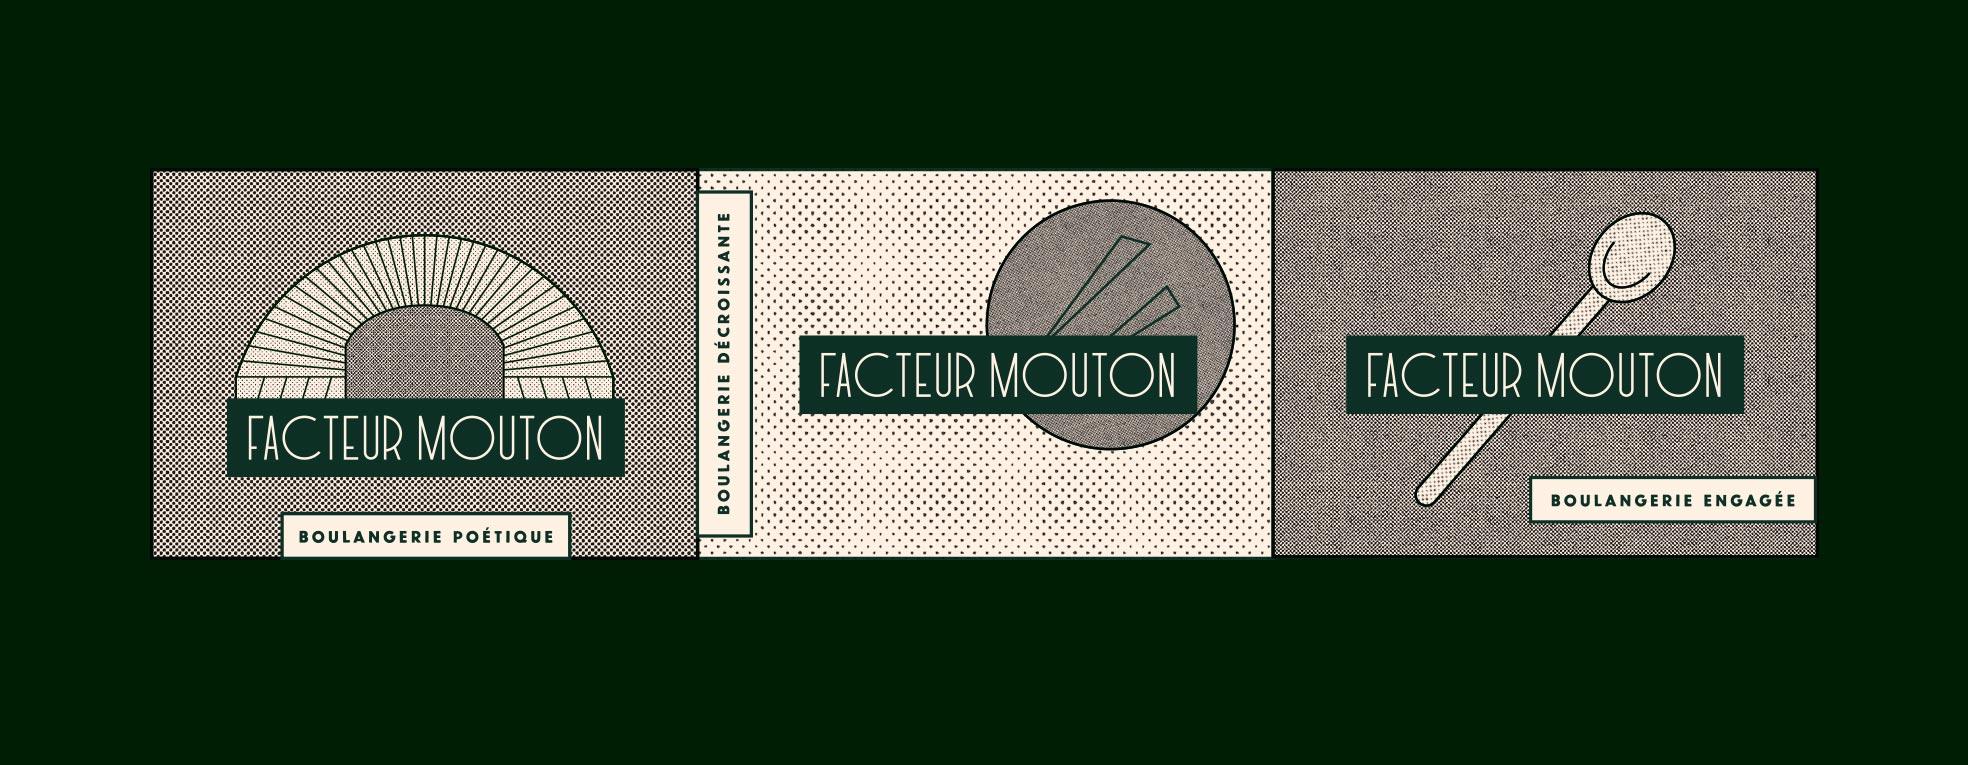 Facteur-mouton-logo-boulangerie